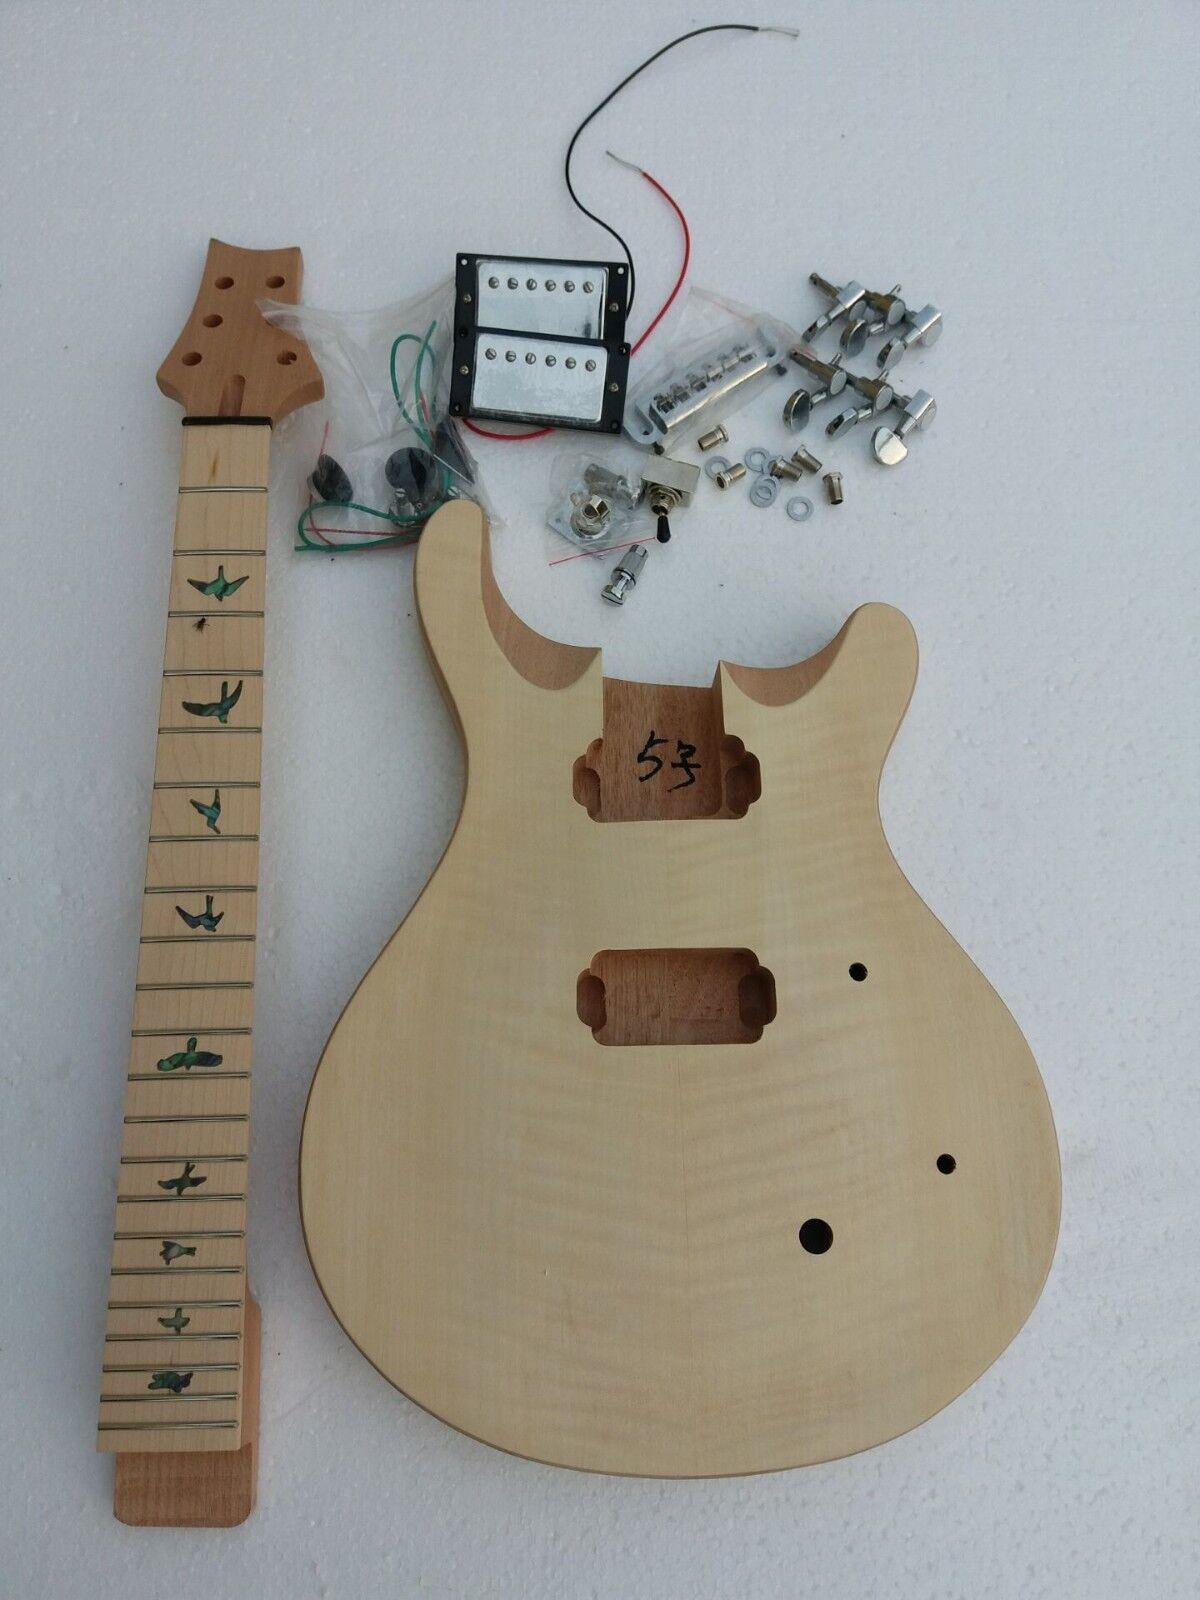 Nuevo proyecto de marca, juegos de guitarra, 22 accesorios.